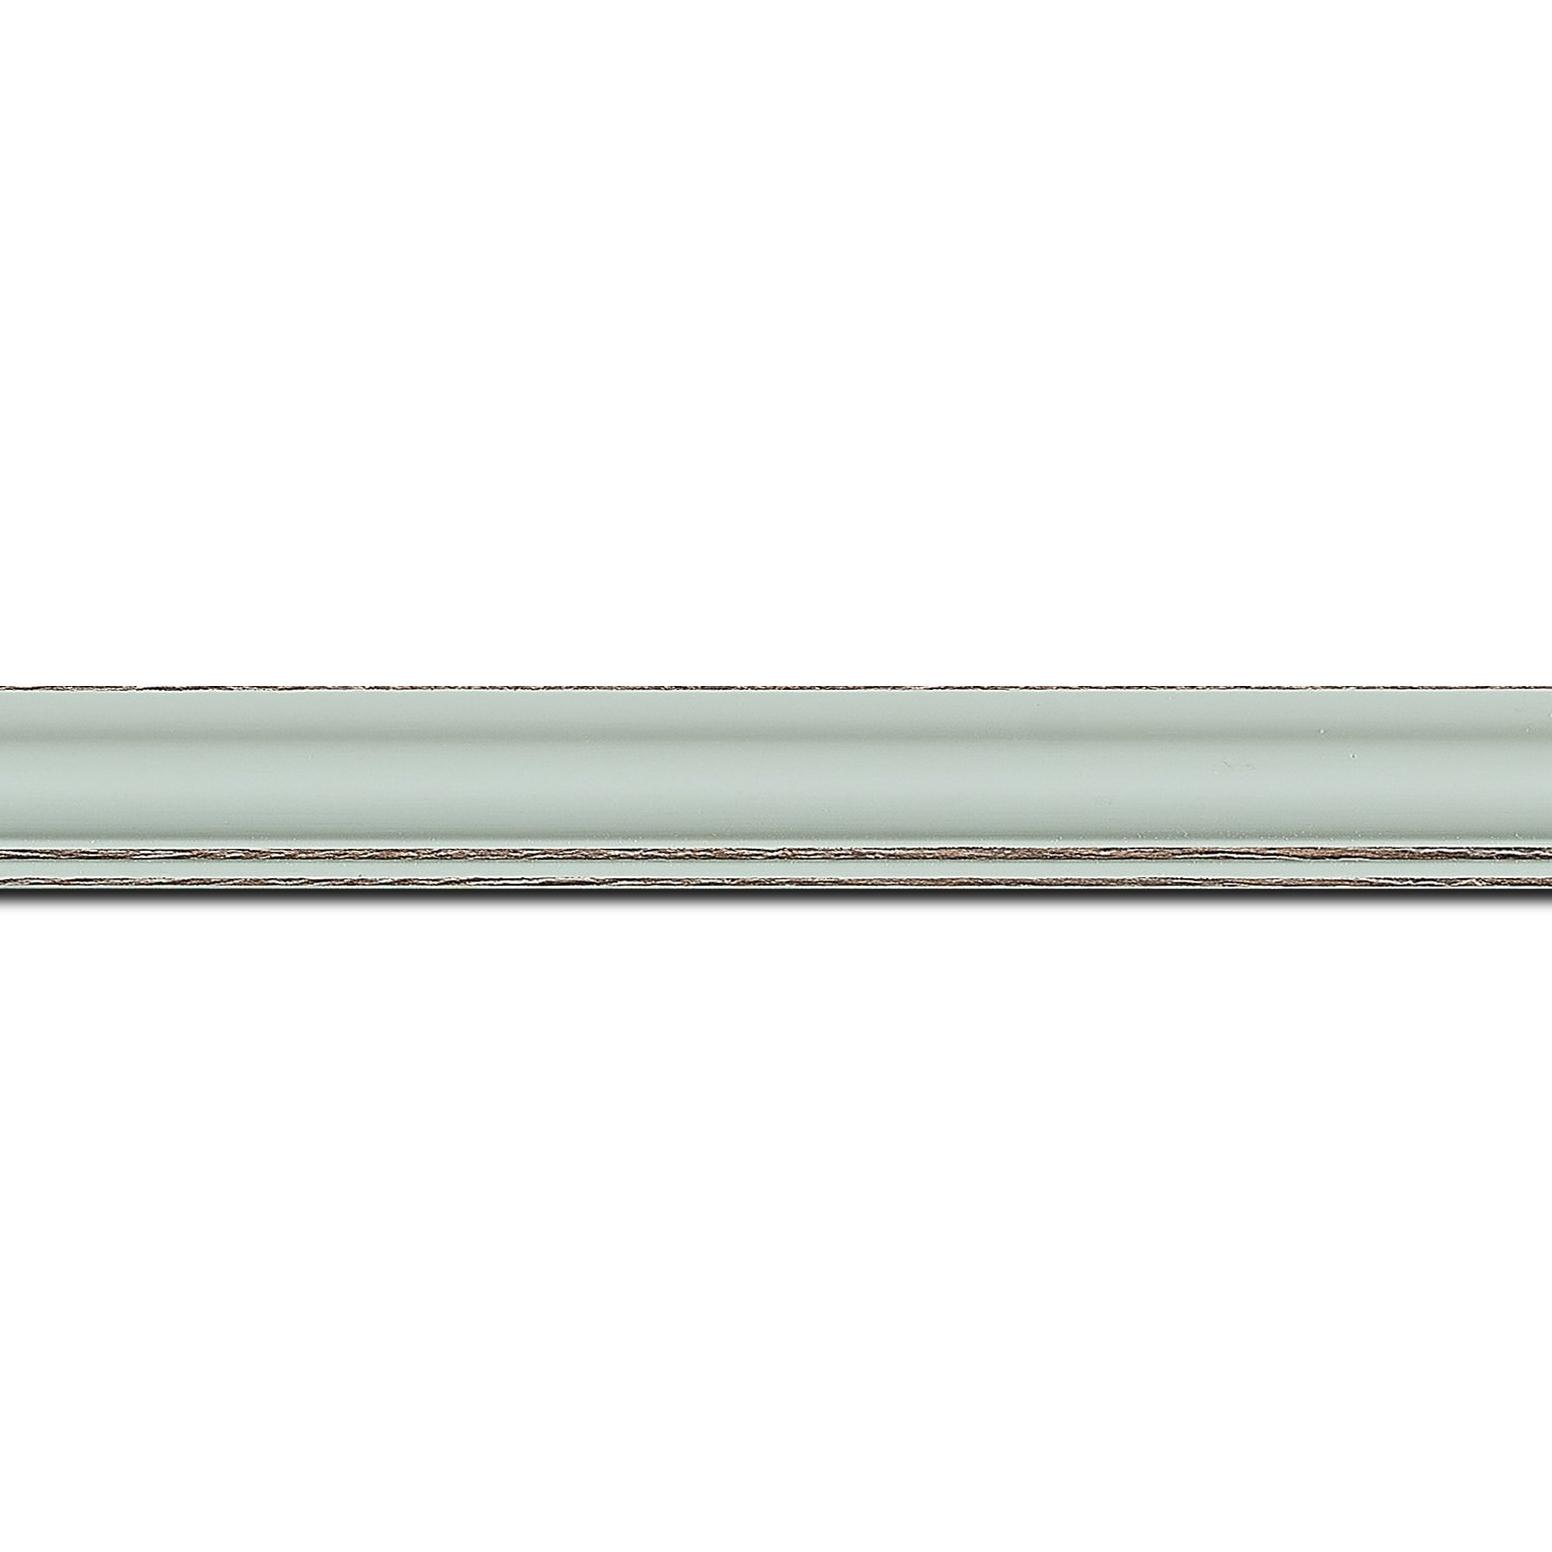 Pack par 12m, bois profil doucine inversée largeur 2.3cm bleu tendre satiné bord ressuyé(longueur baguette pouvant varier entre 2.40m et 3m selon arrivage des bois)